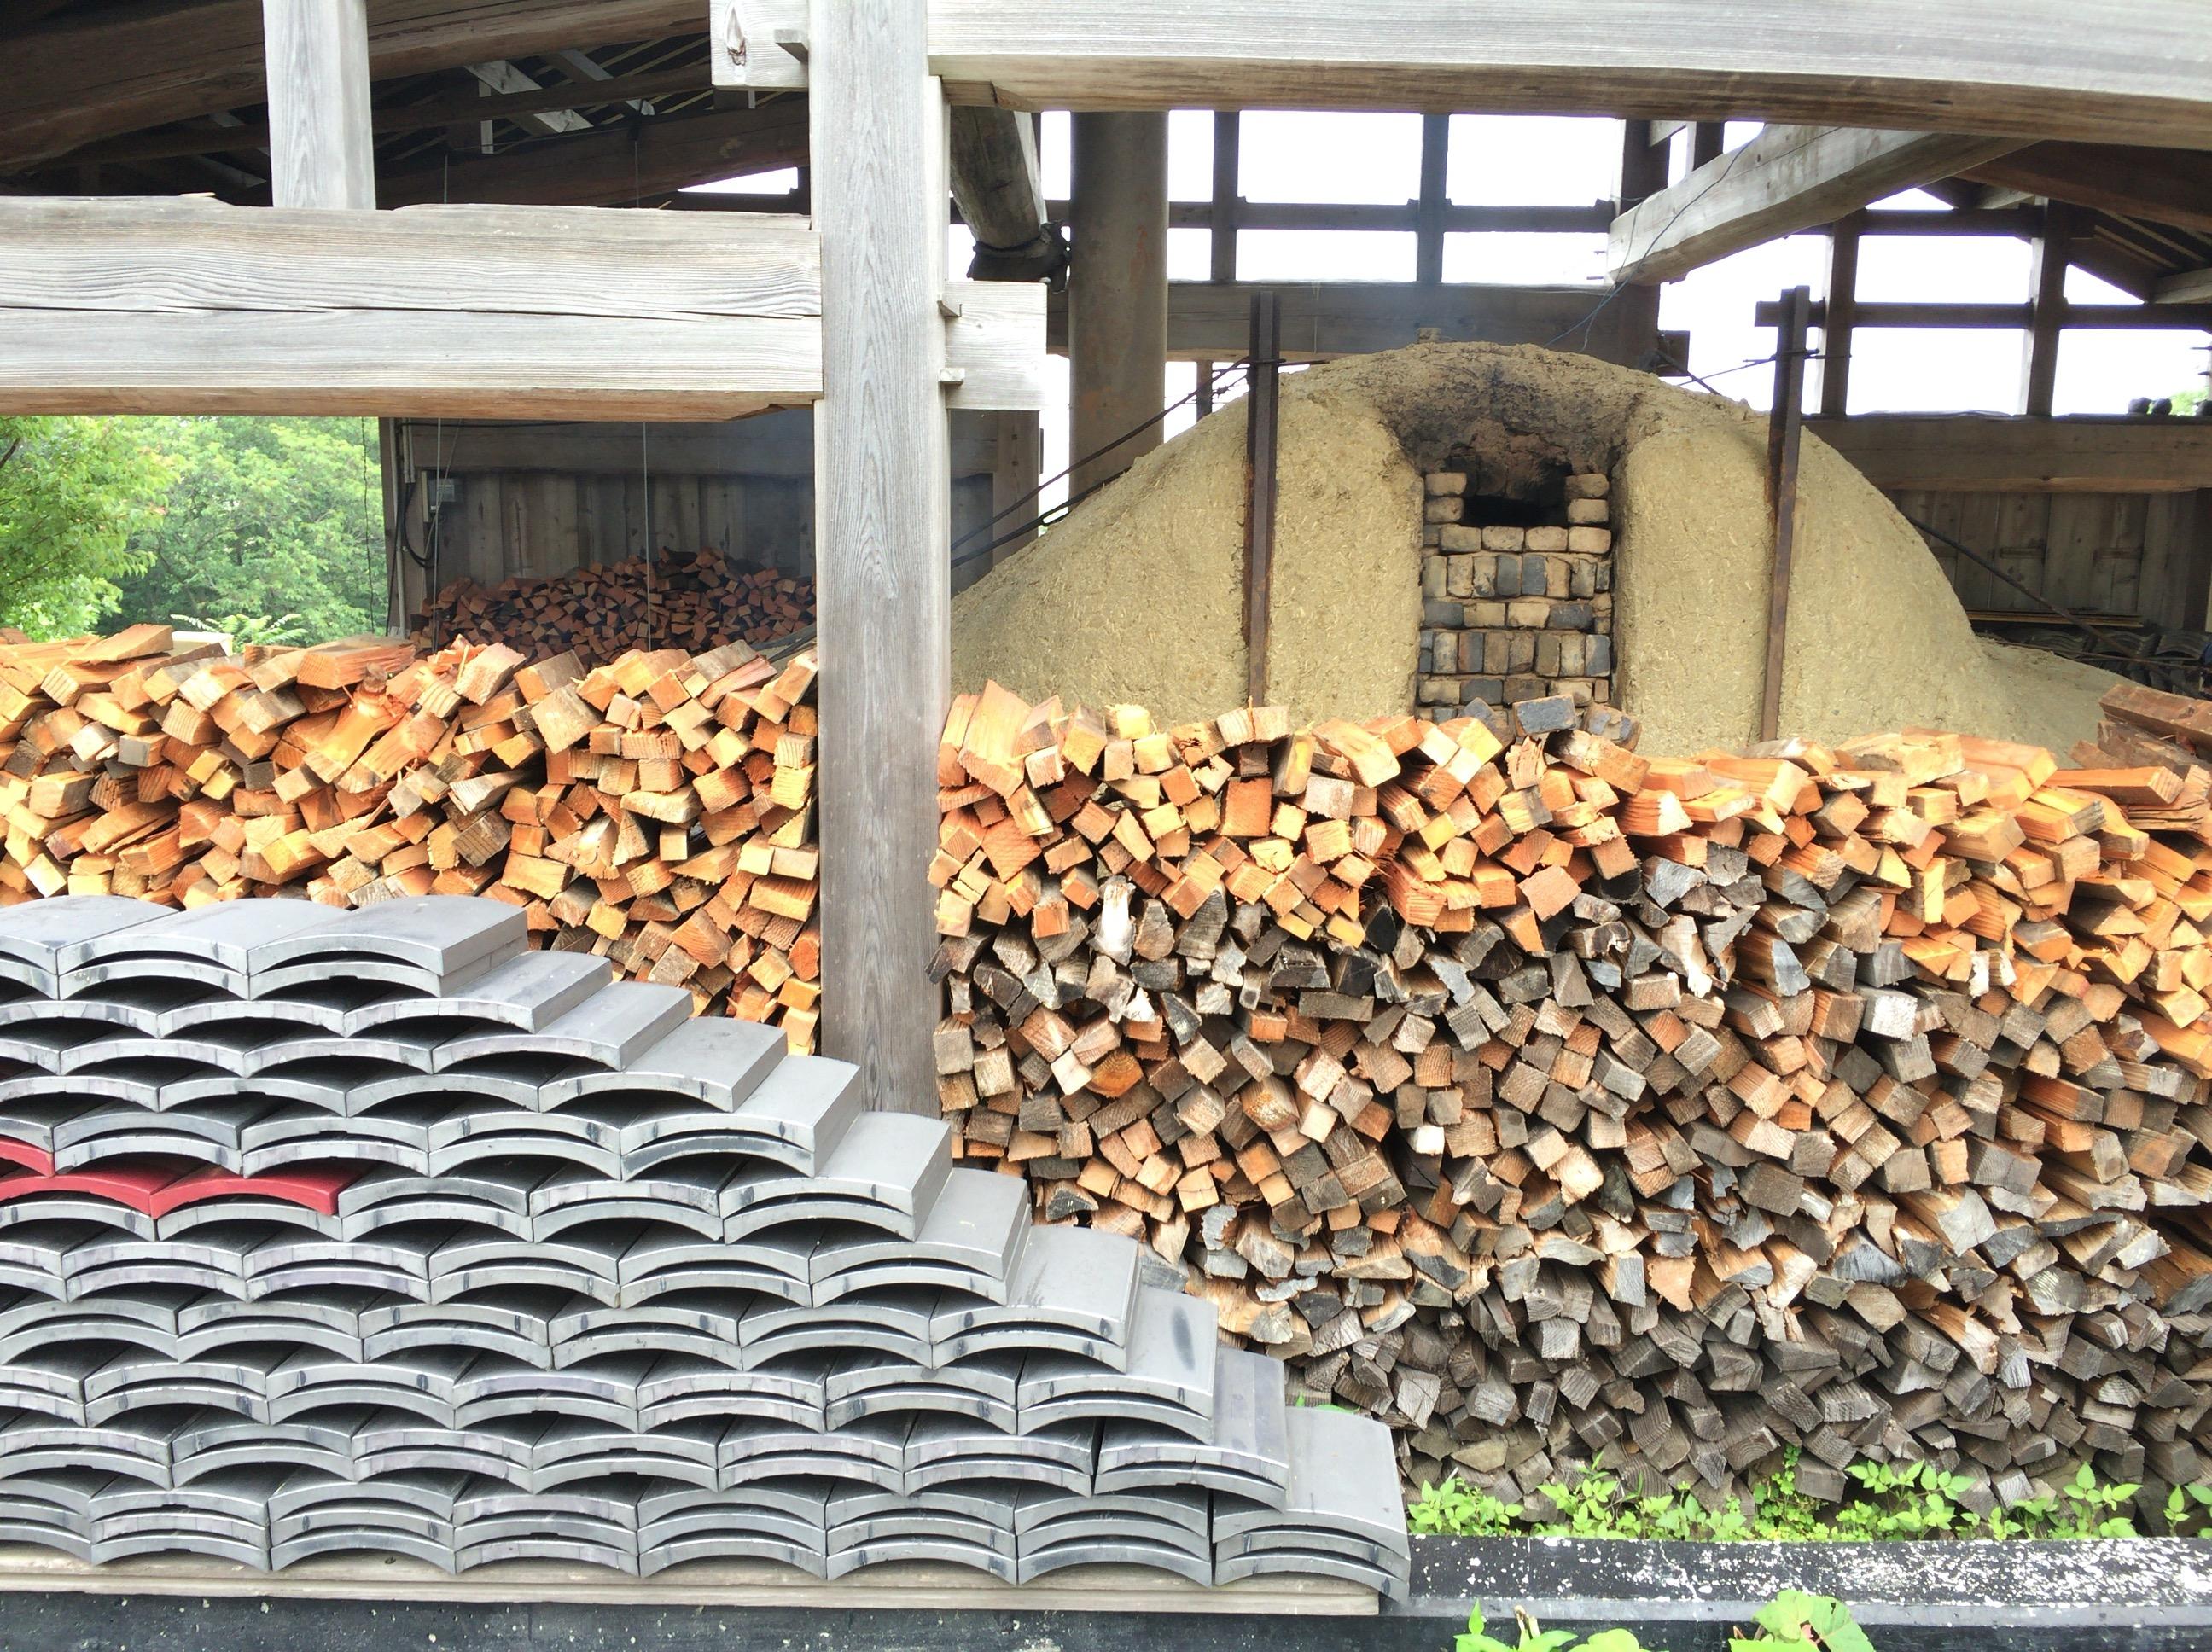 現在はガス窯が主流だが、達磨窯では薪を燃やして瓦を焼く。 photo by やぶくみこ